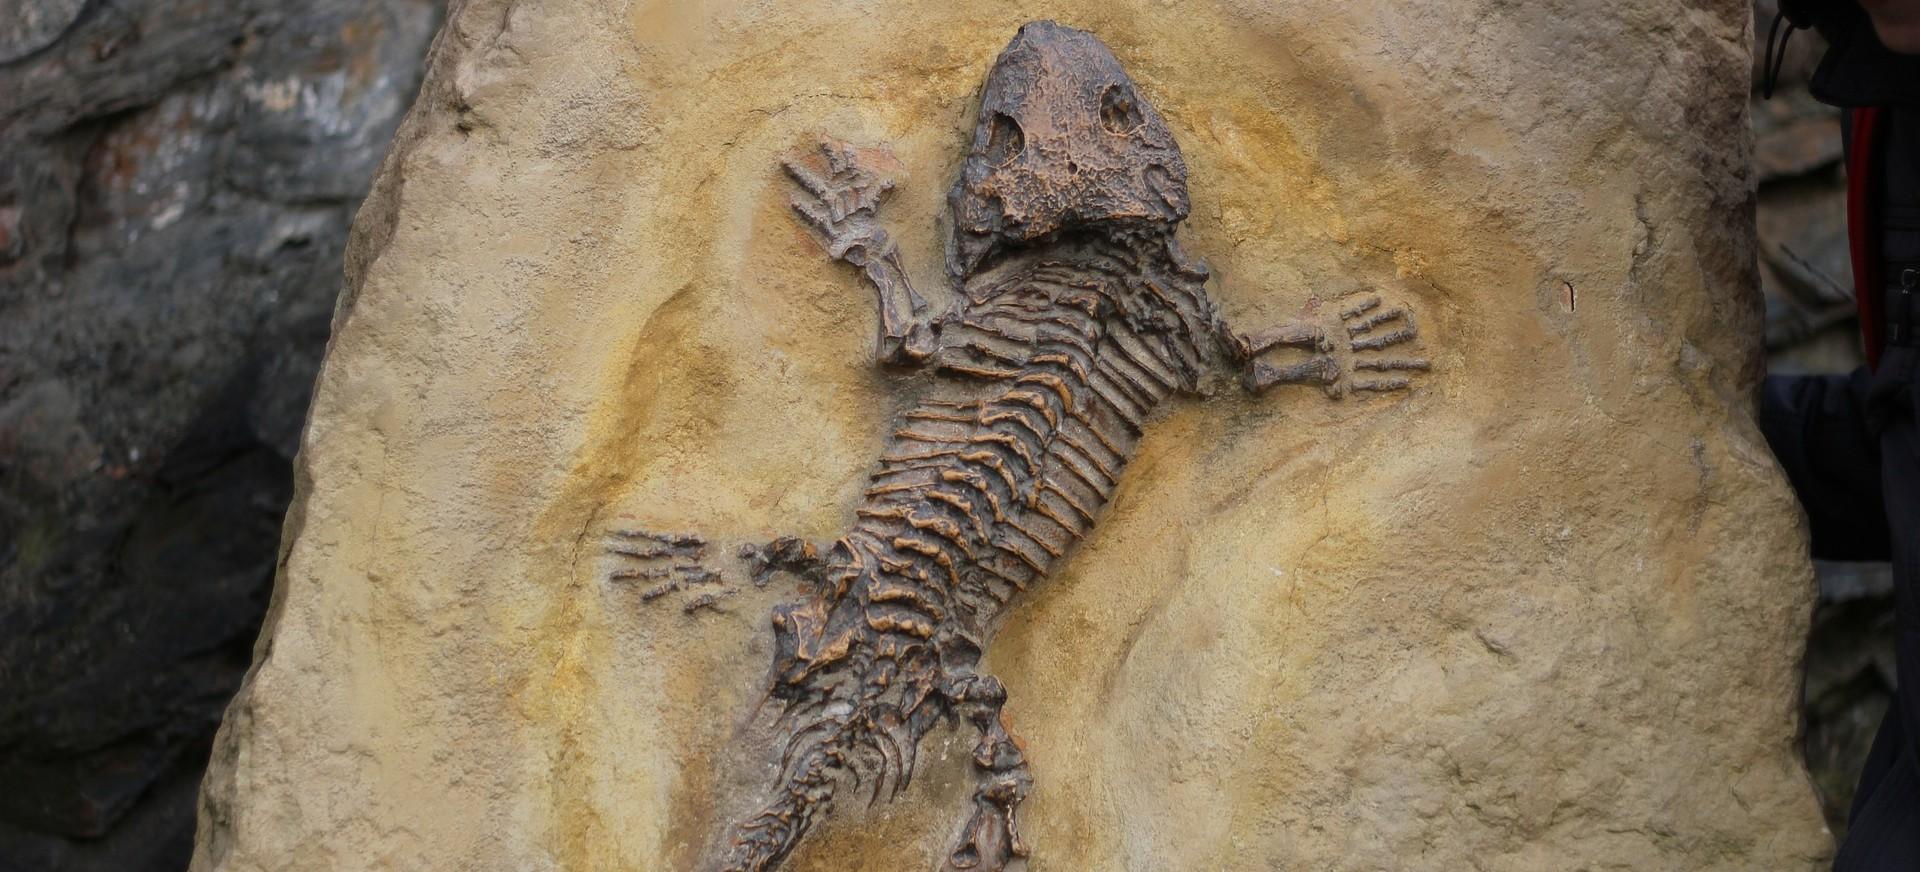 BESKO: Wyjątkowa wystawa skamieniałości. Wernisaż już 13 kwietnia